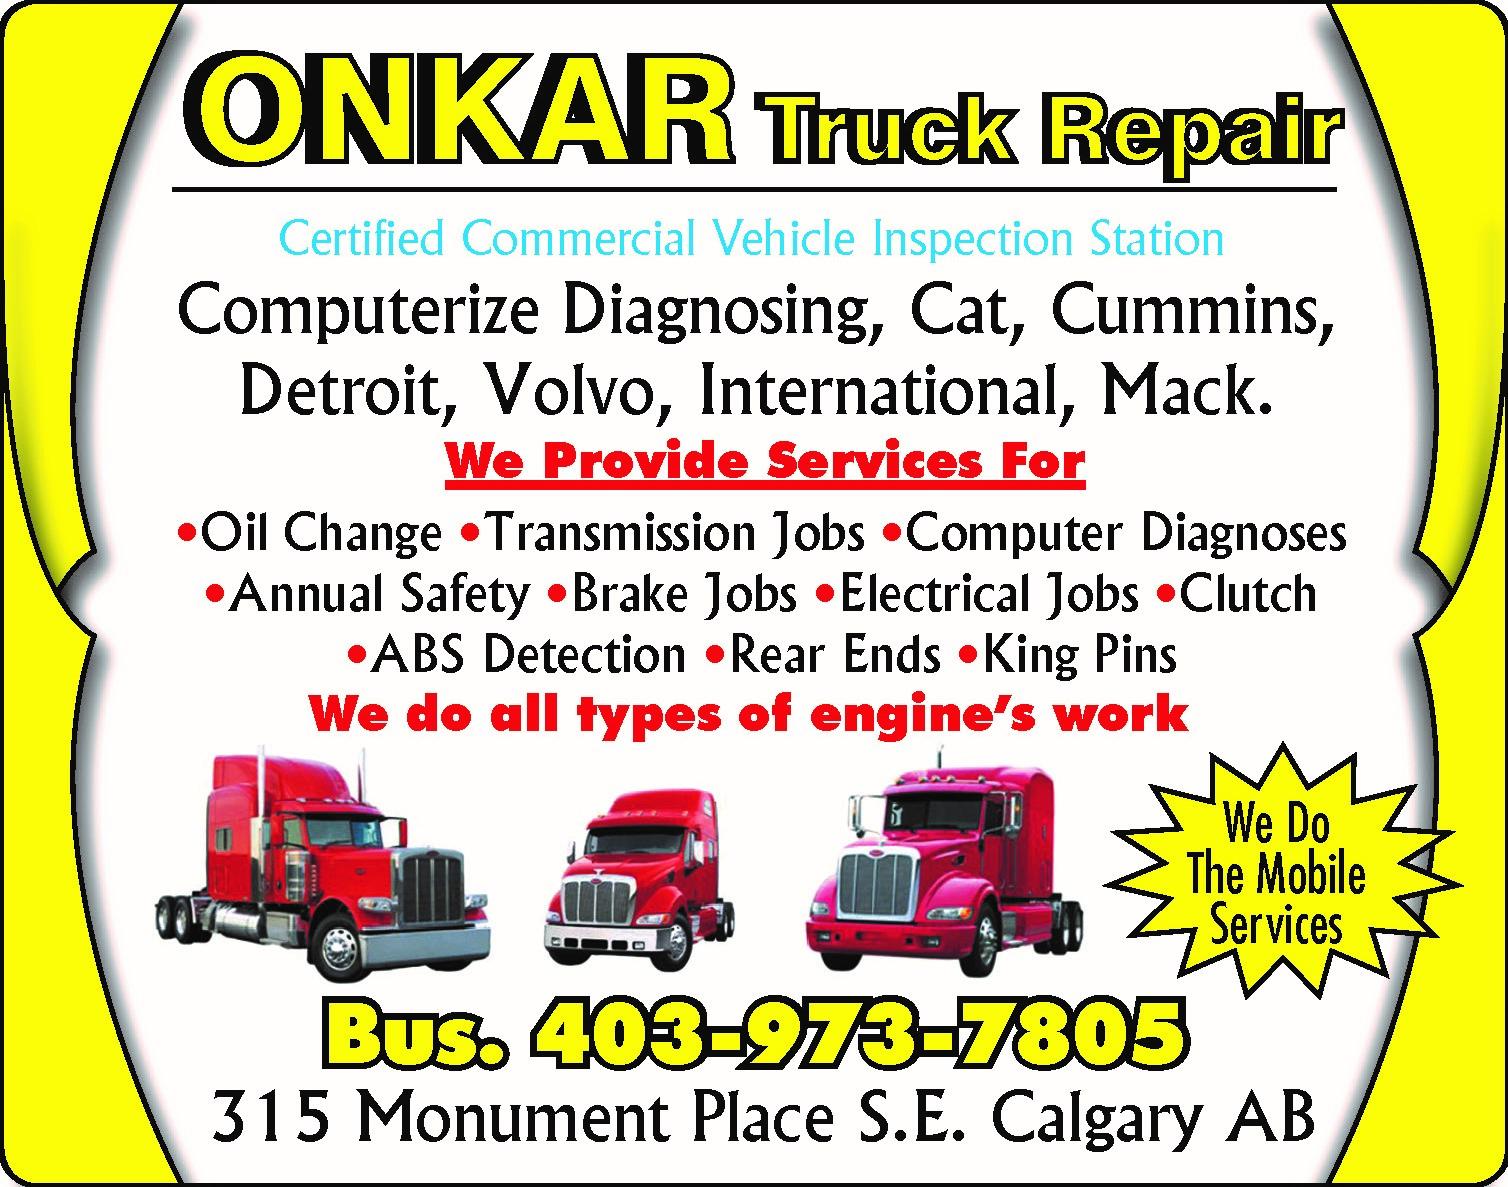 onkar-truck-repair-Xf8wKYn.jpeg